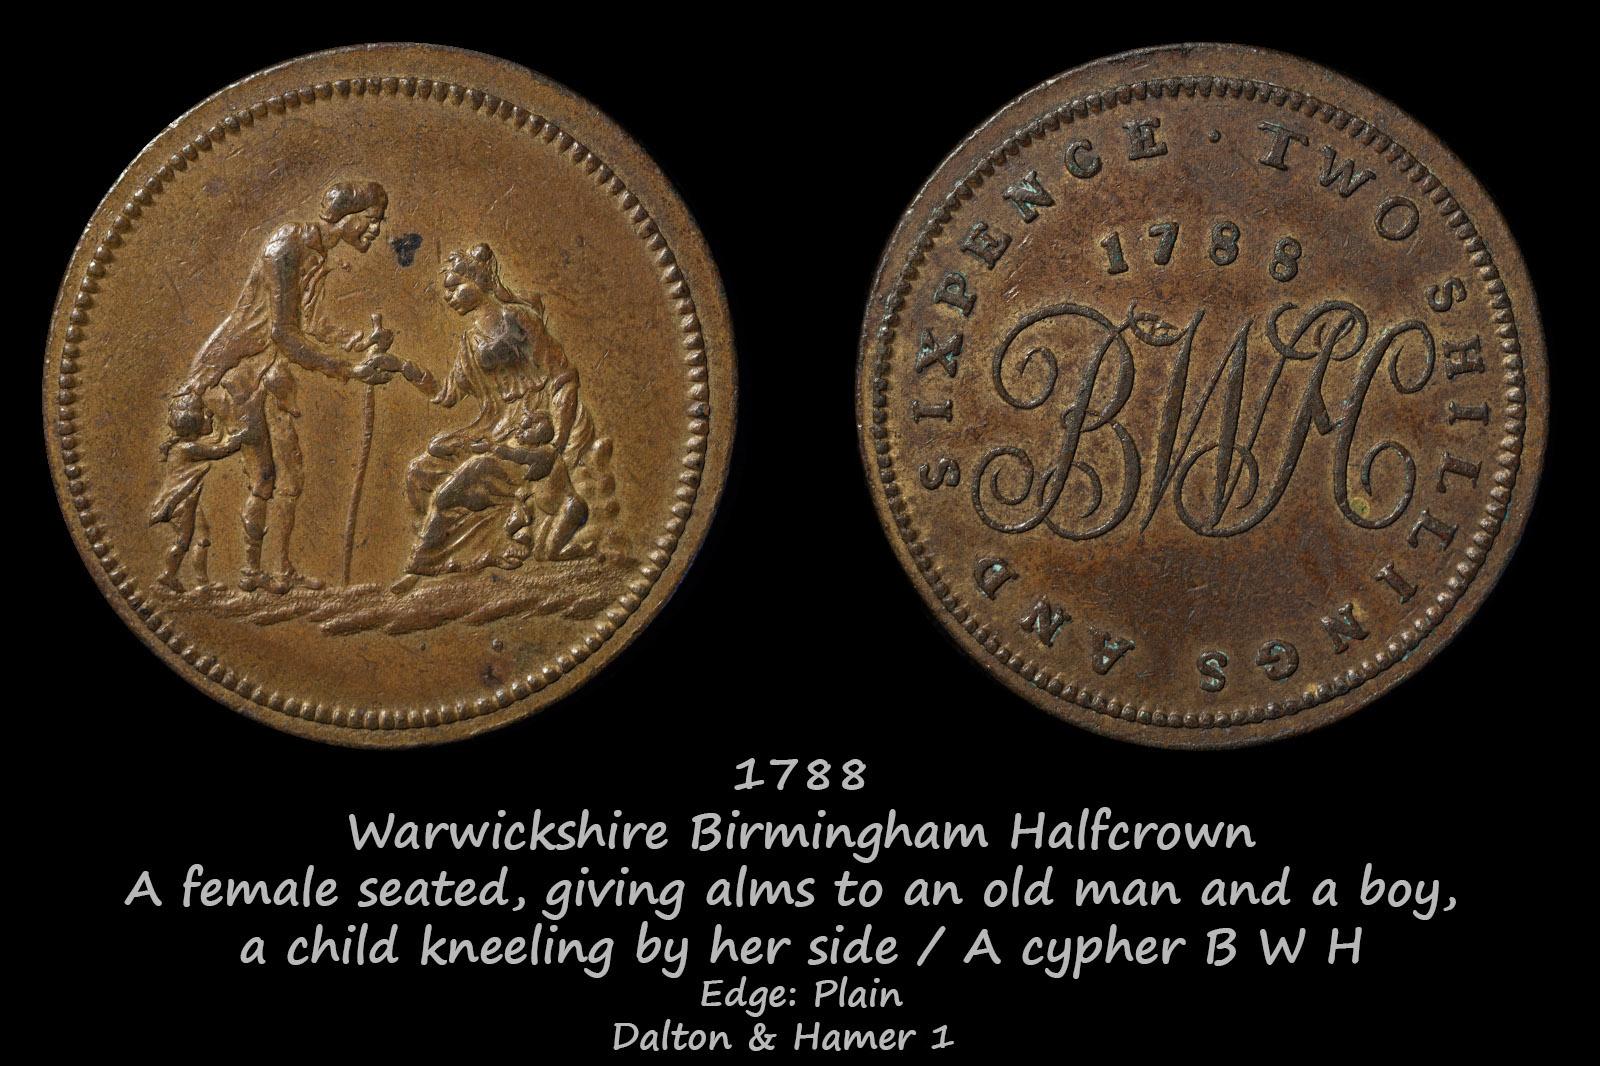 Warwickshire Birmingham Halfcrown D&H1